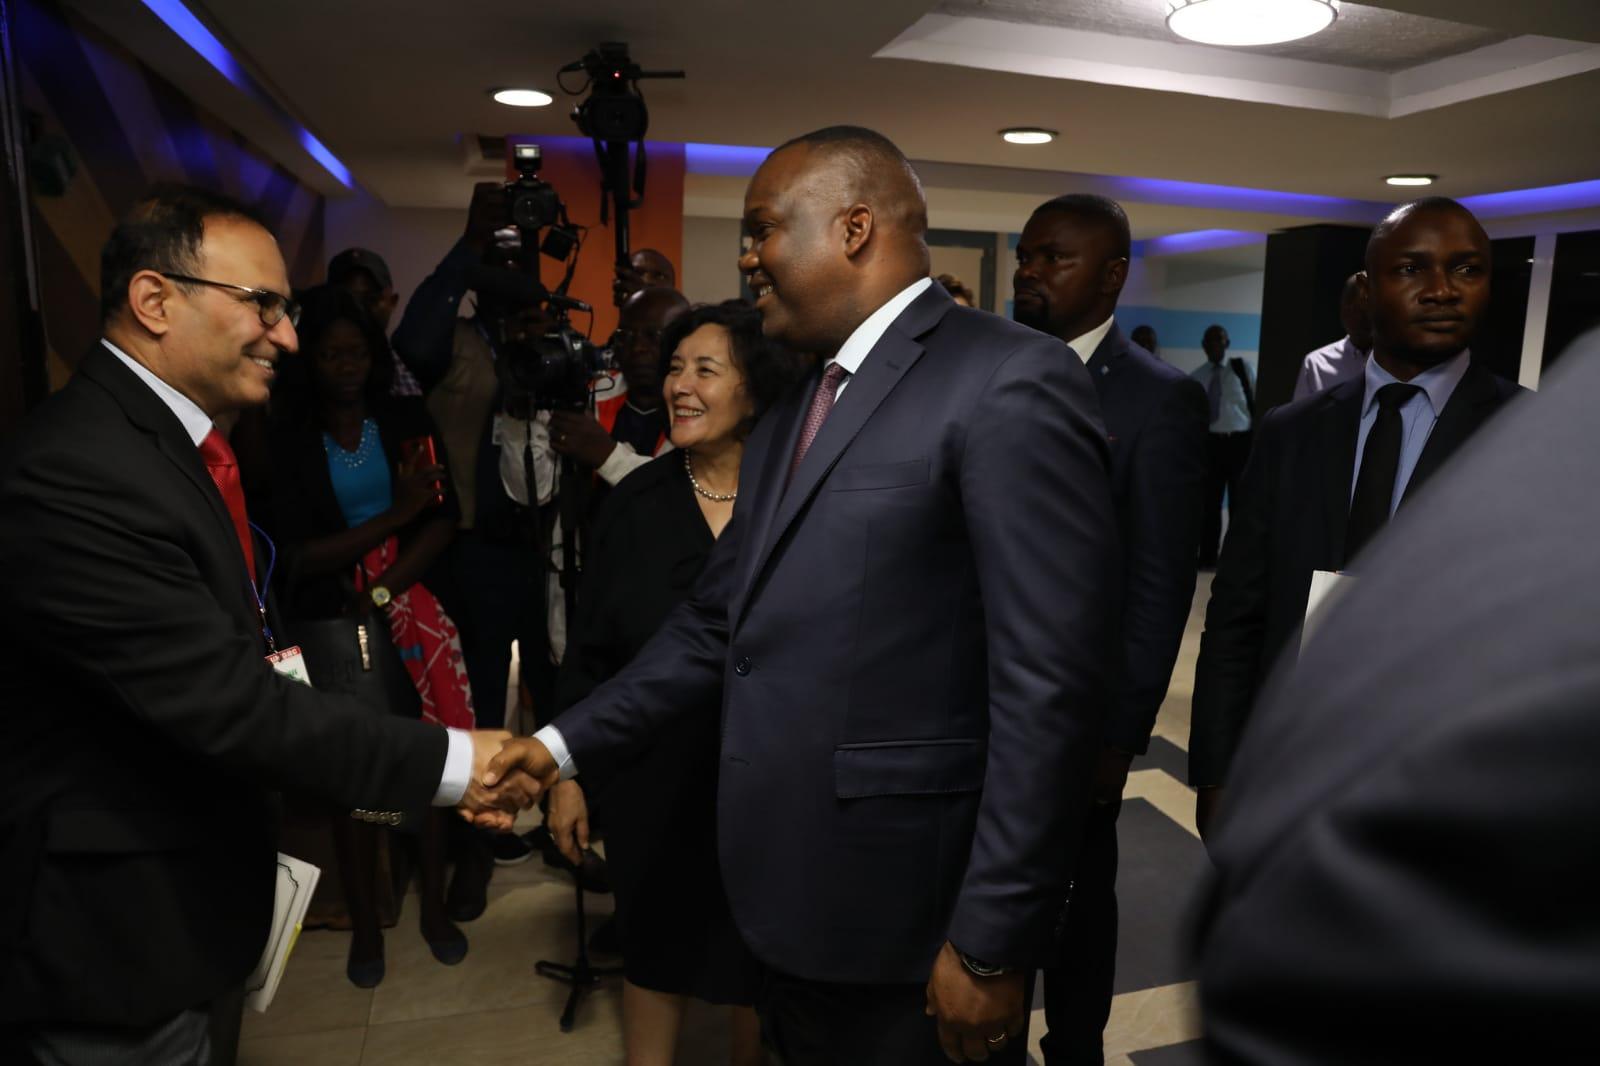 العتيبي يشارك في زيارة وفد مجلس الأمن لجمهورية الكونغو